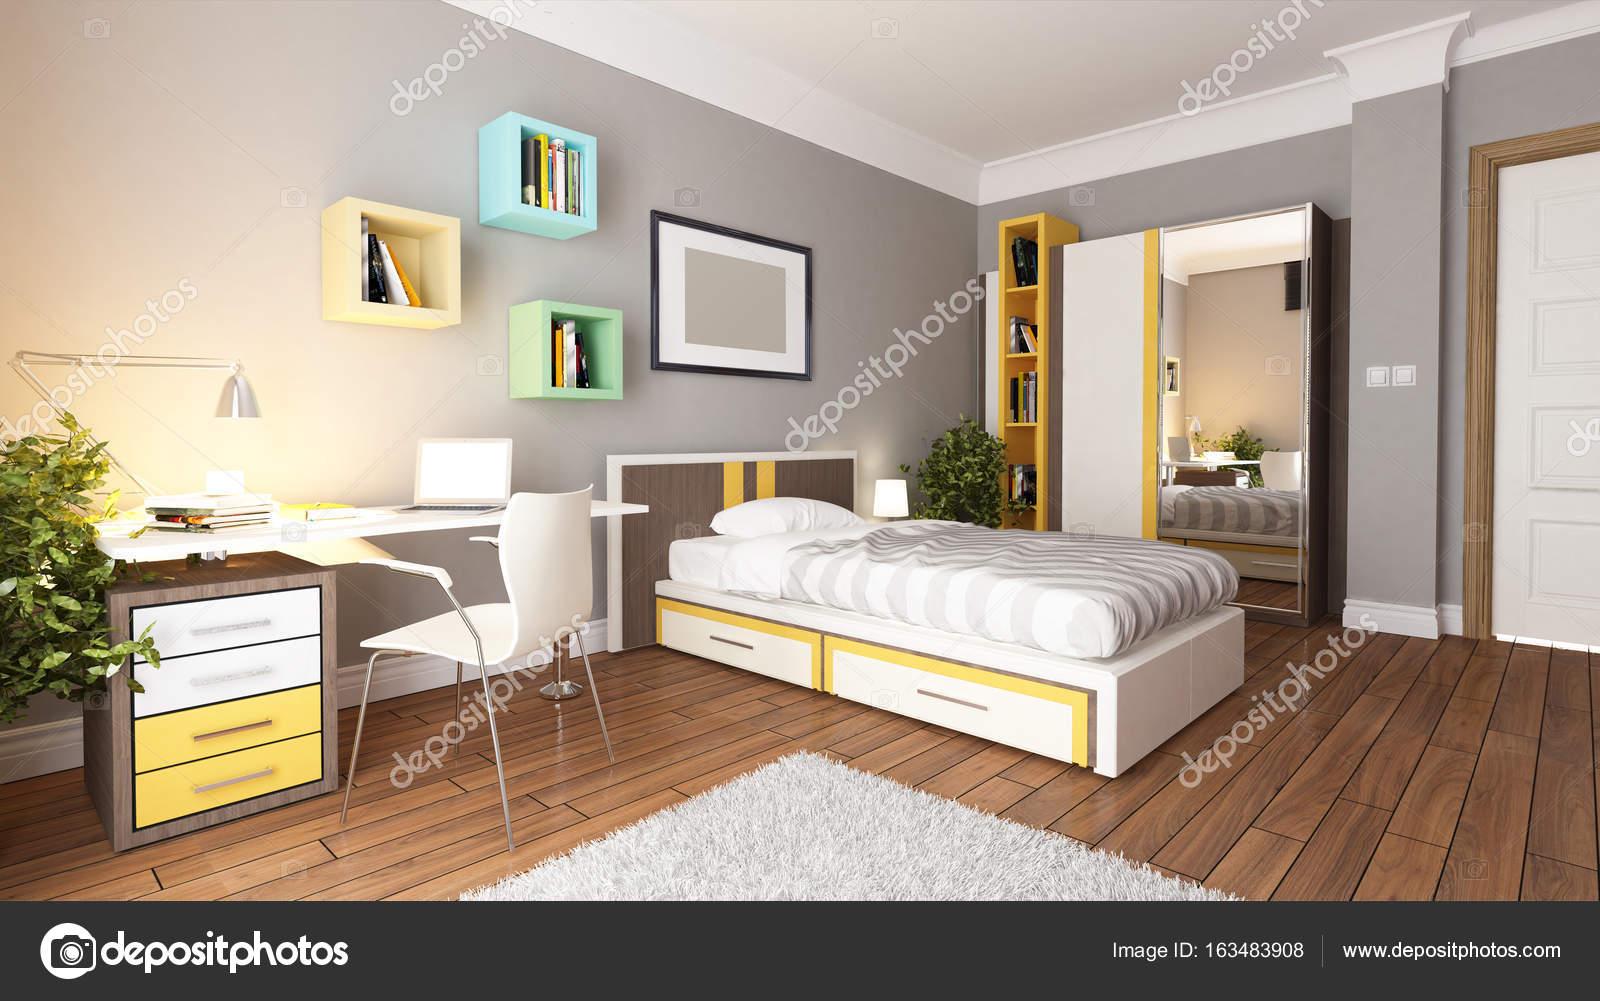 tiener jonge slaapkamer design idee stockfoto